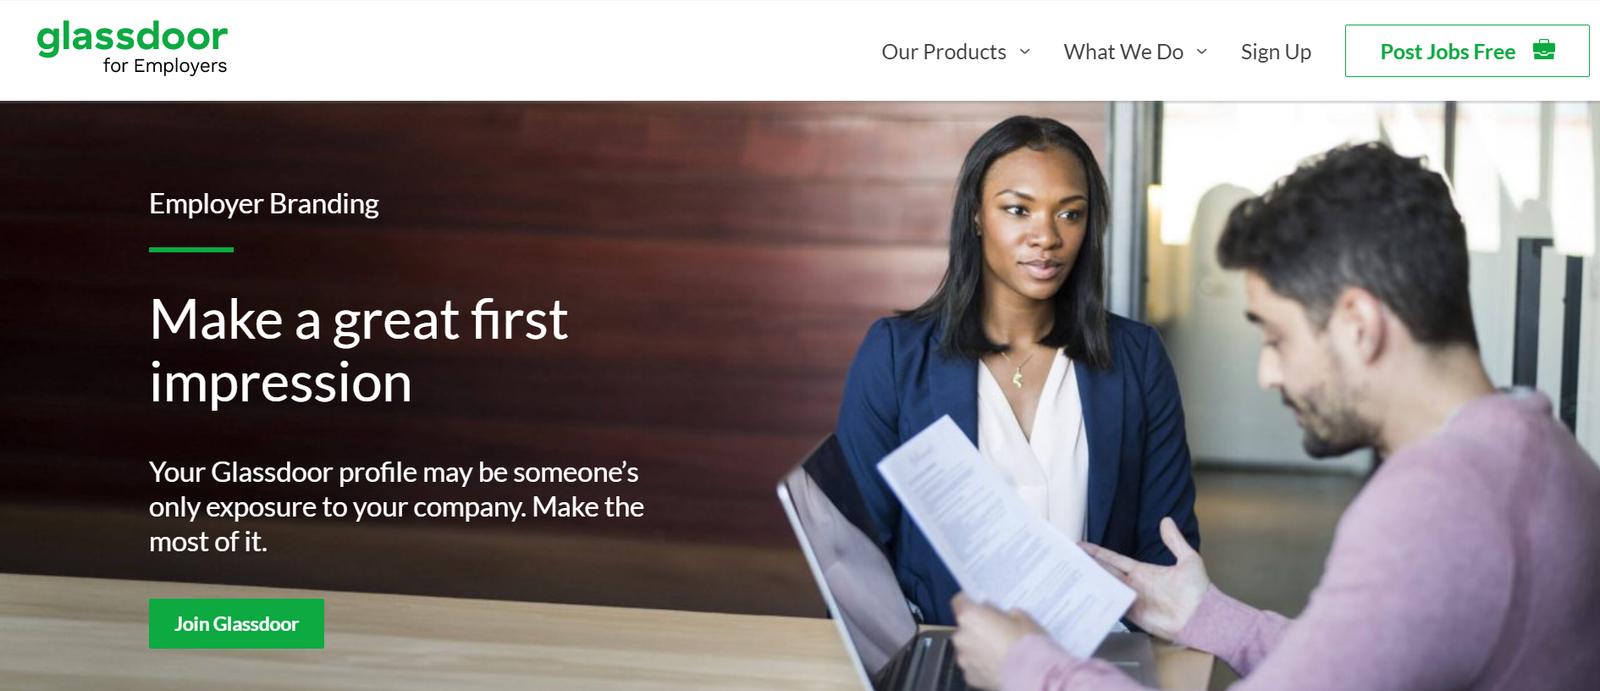 hire from glassdoor